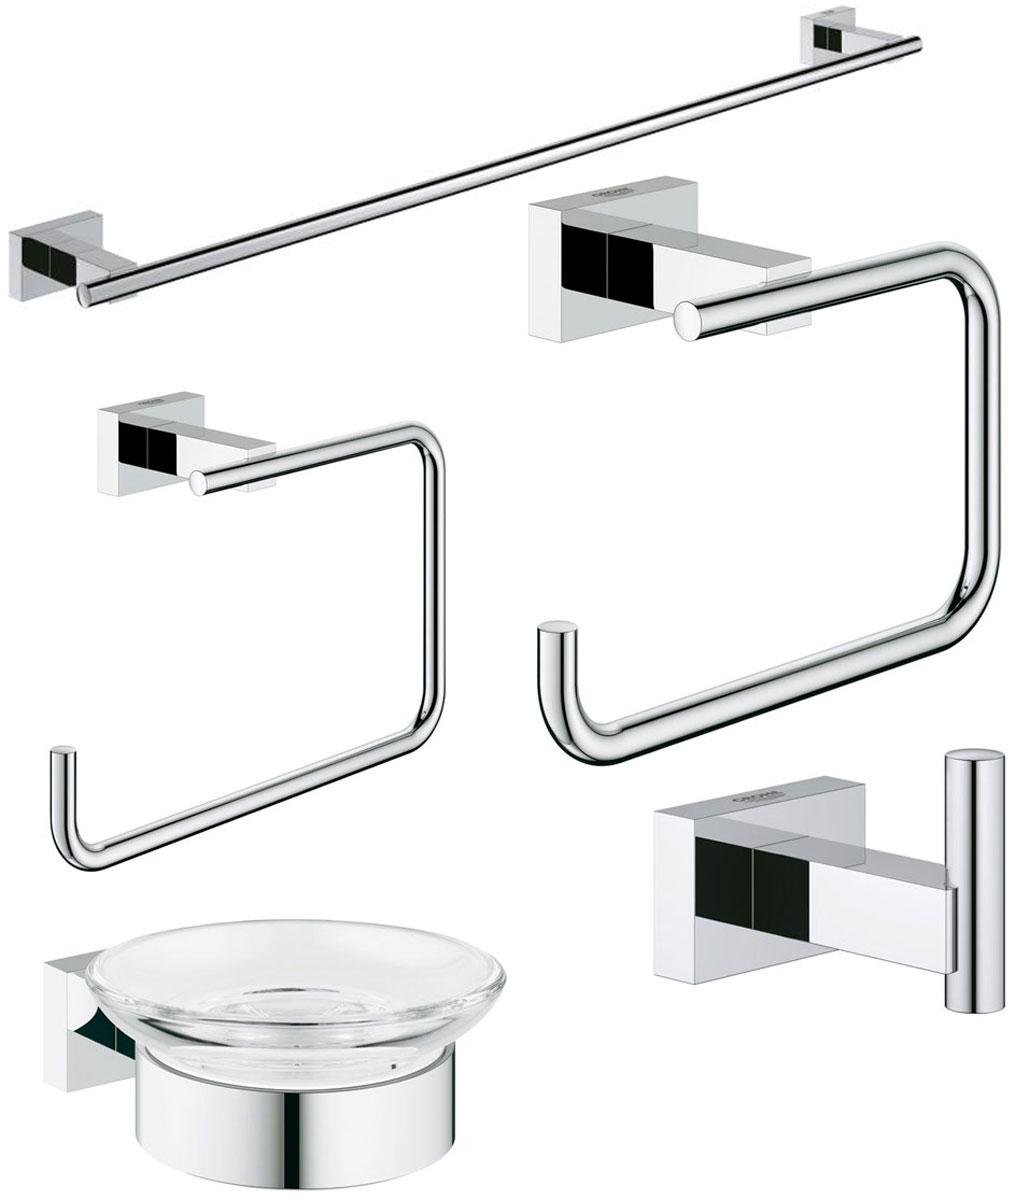 Набор аксессуаров для ванной комнаты Grohe Essentials Cube, 5 предметов 40344000 essentials набор аксессуаров 5 предметов grohe